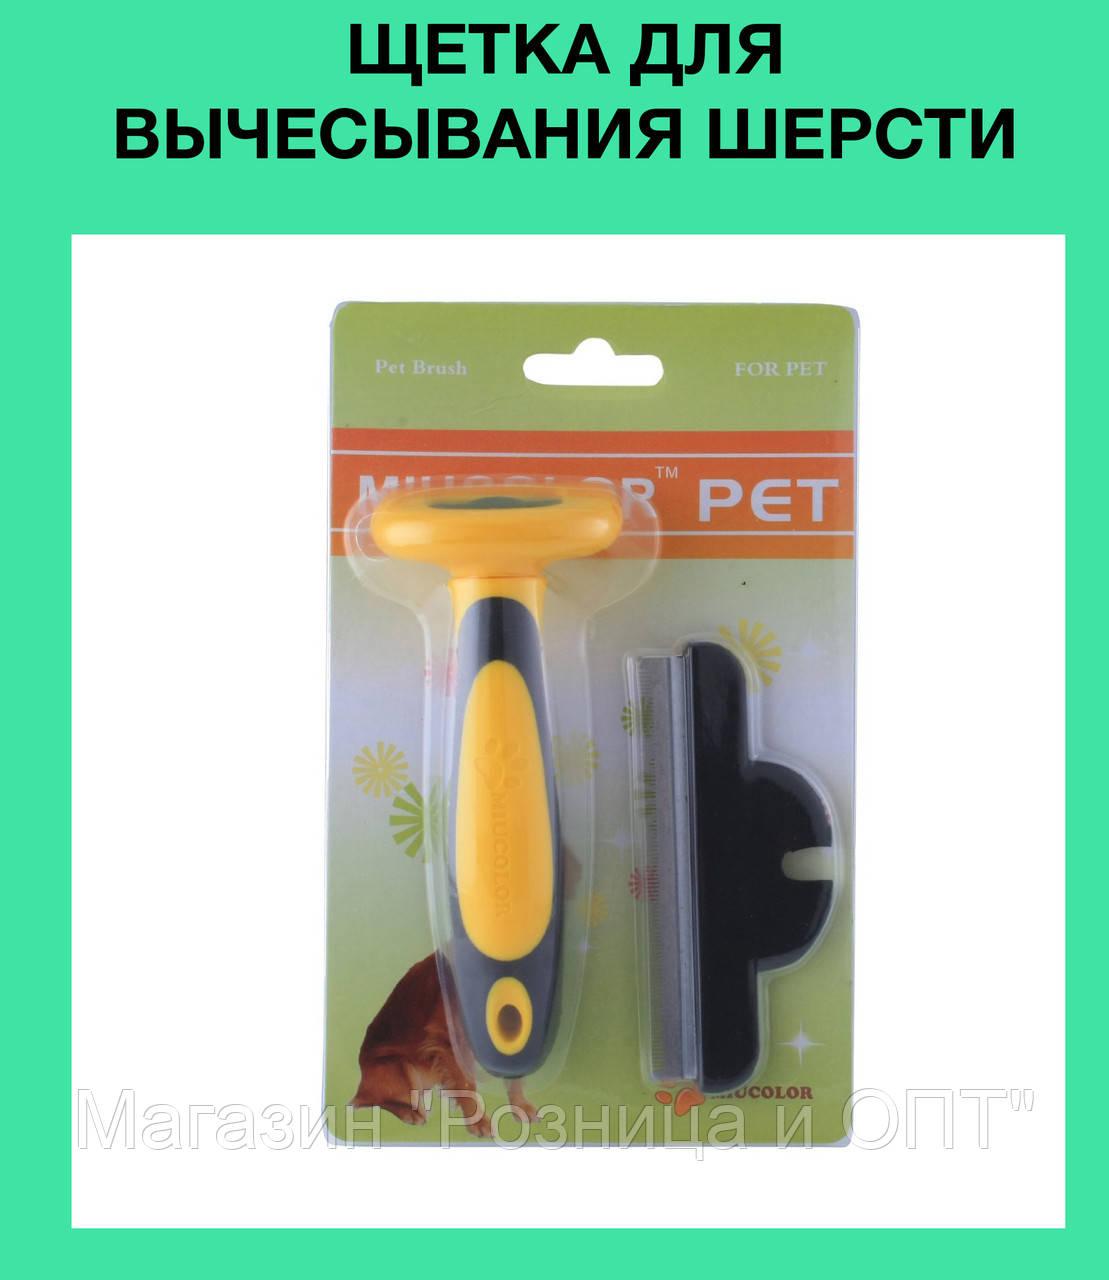 """Pet Care 4inch щетка для вычесывания шерсти у животных!Опт - Магазин """"Розница и ОПТ"""" в Вышгороде"""